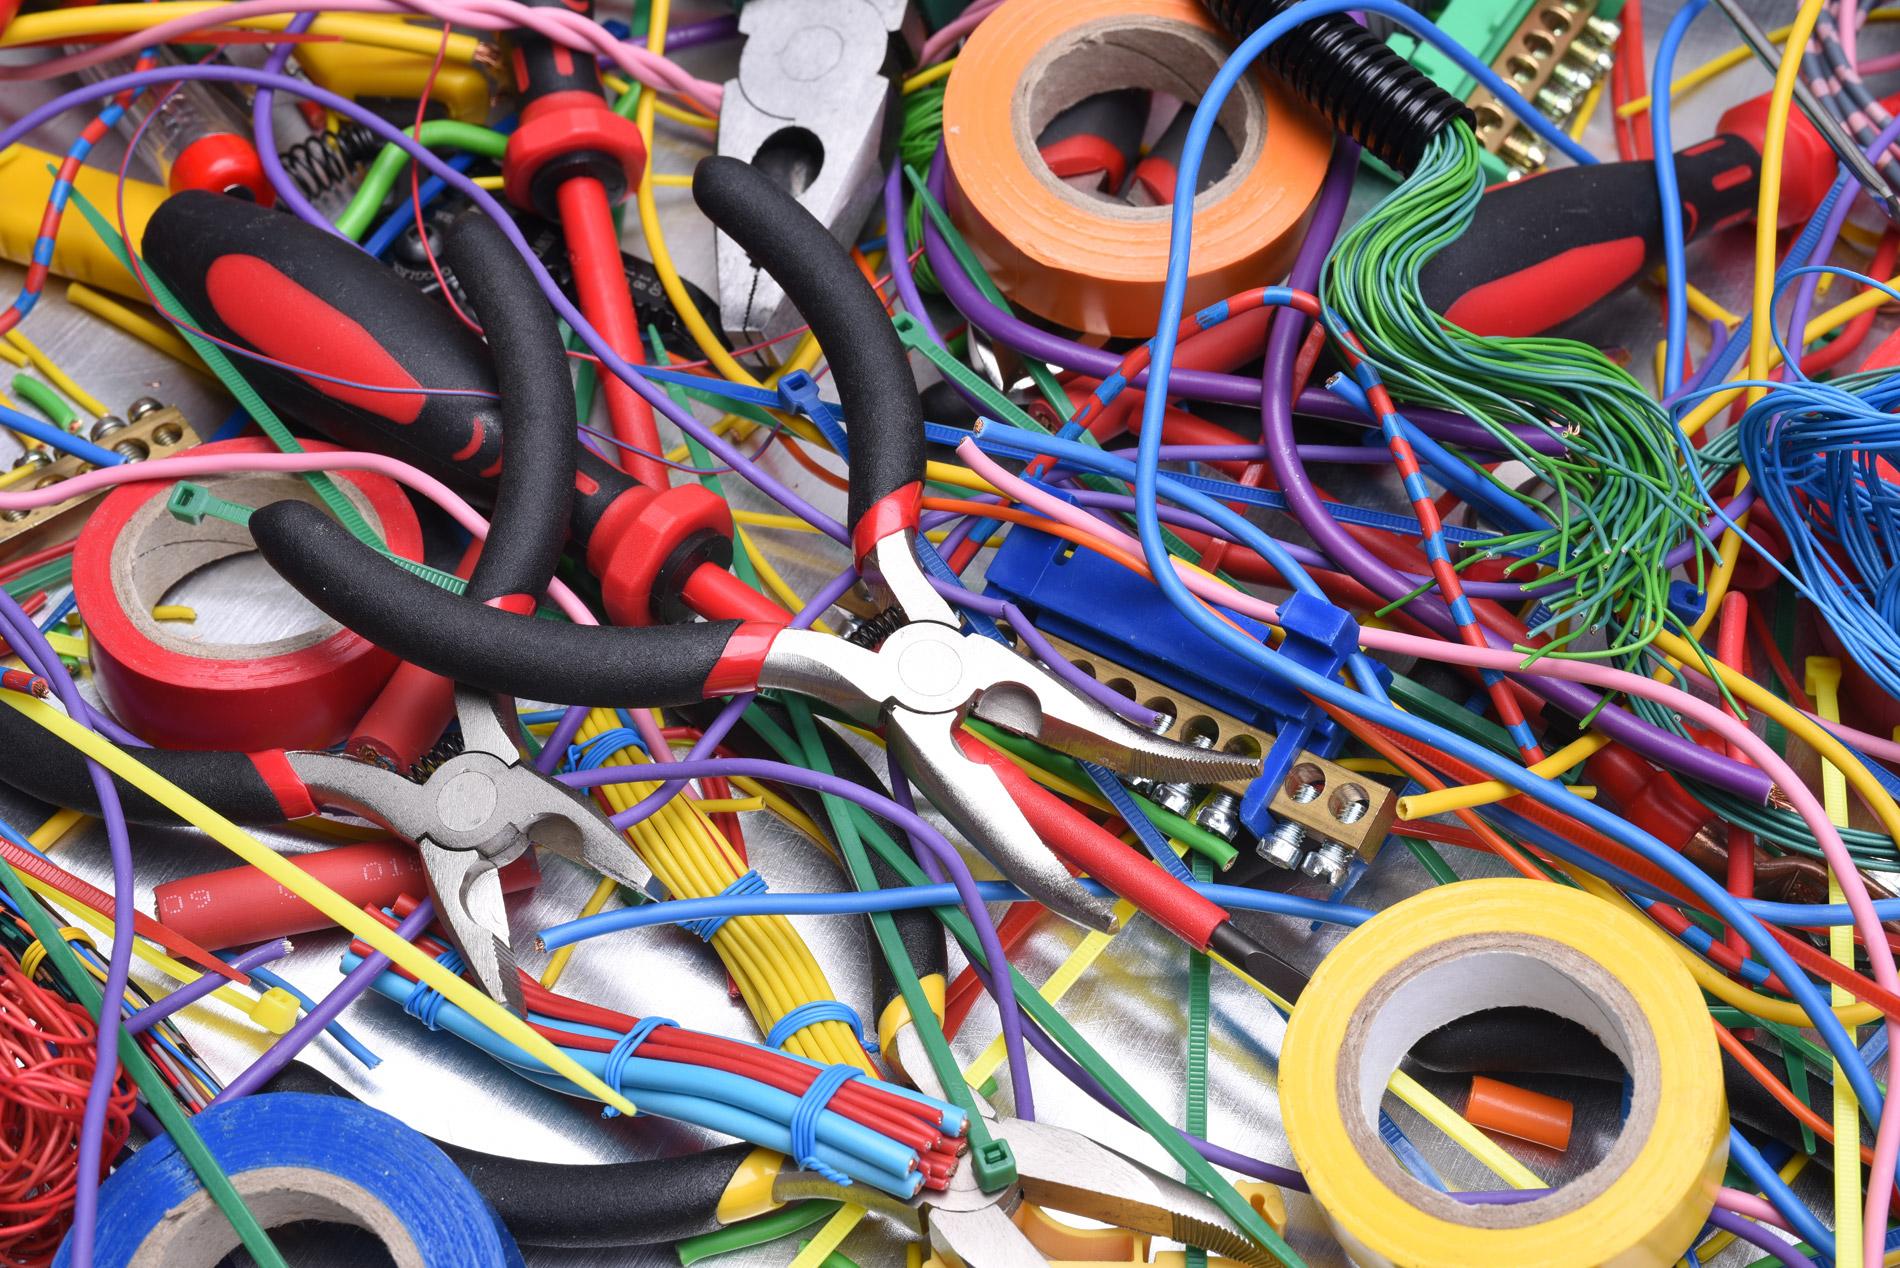 rodzaje przewodów elektrycznych